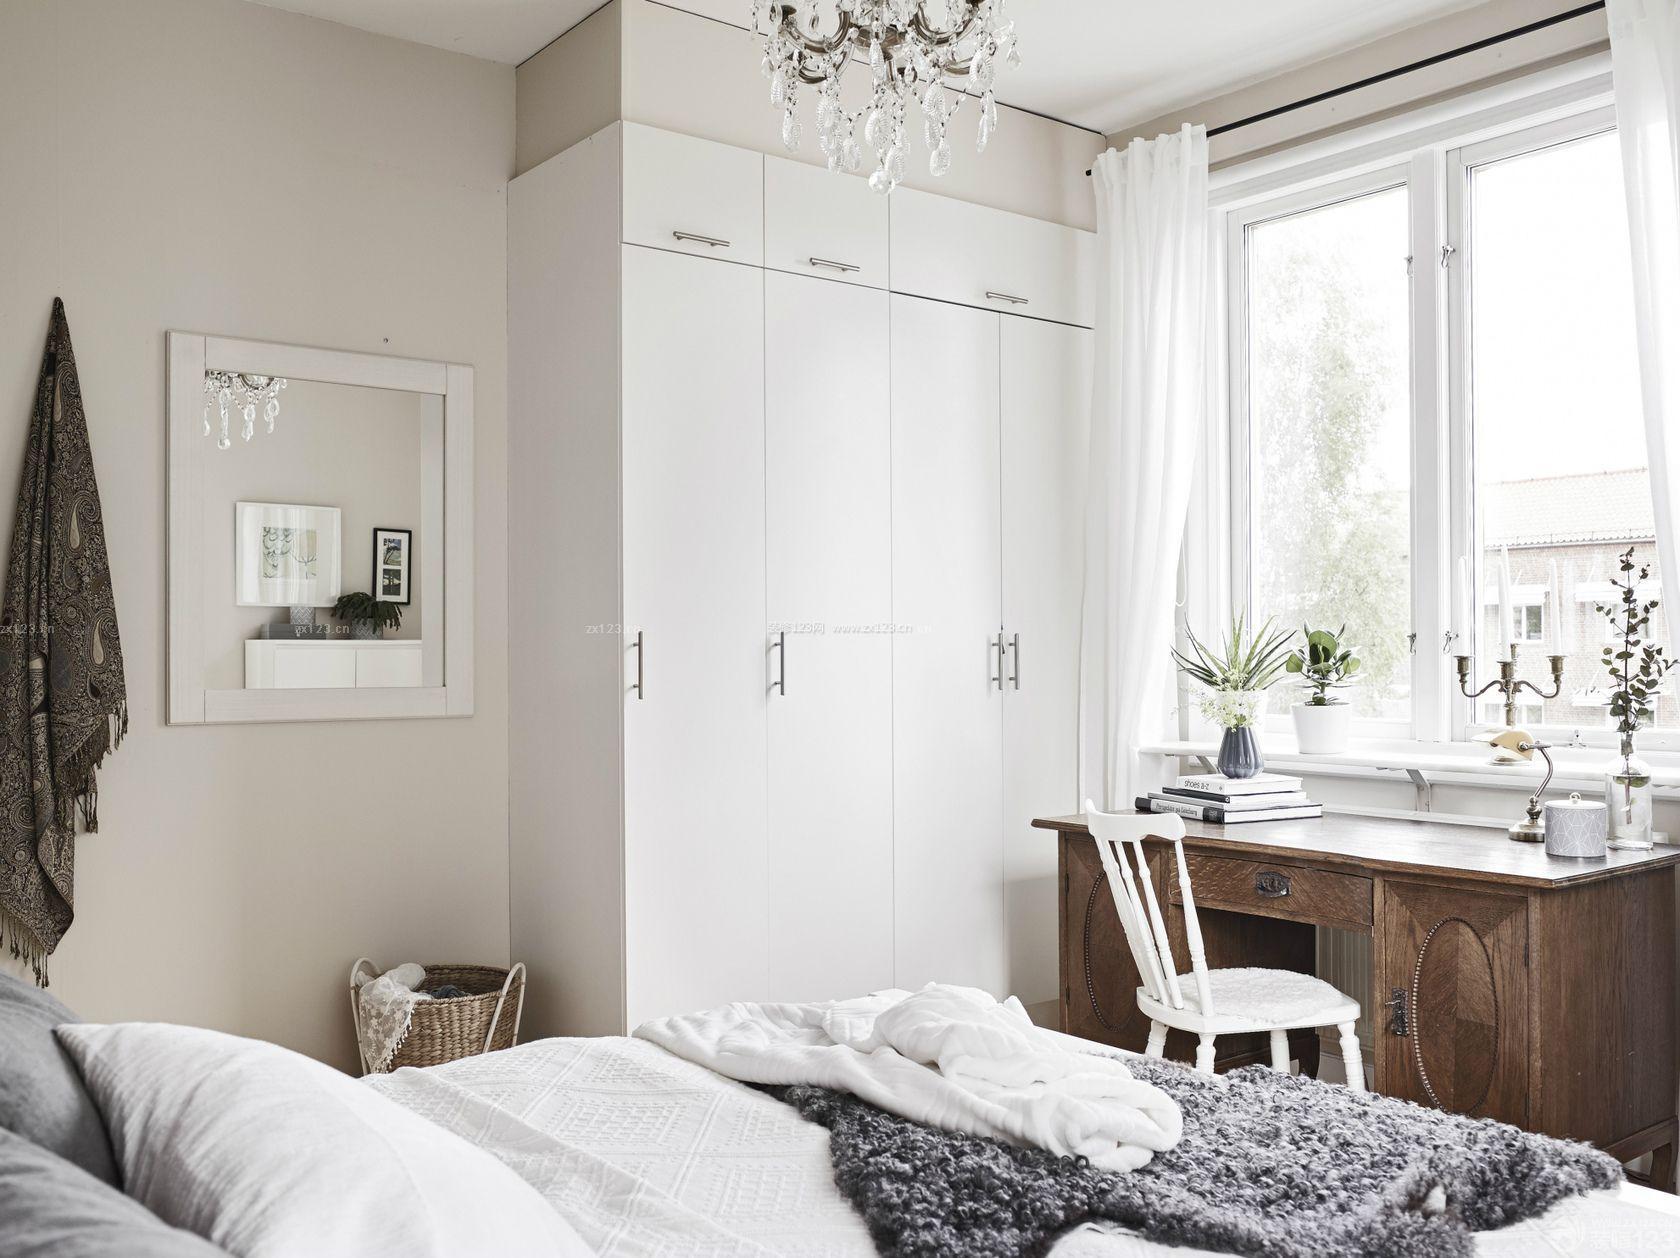 北欧风格小户型主卧室衣柜装修案例